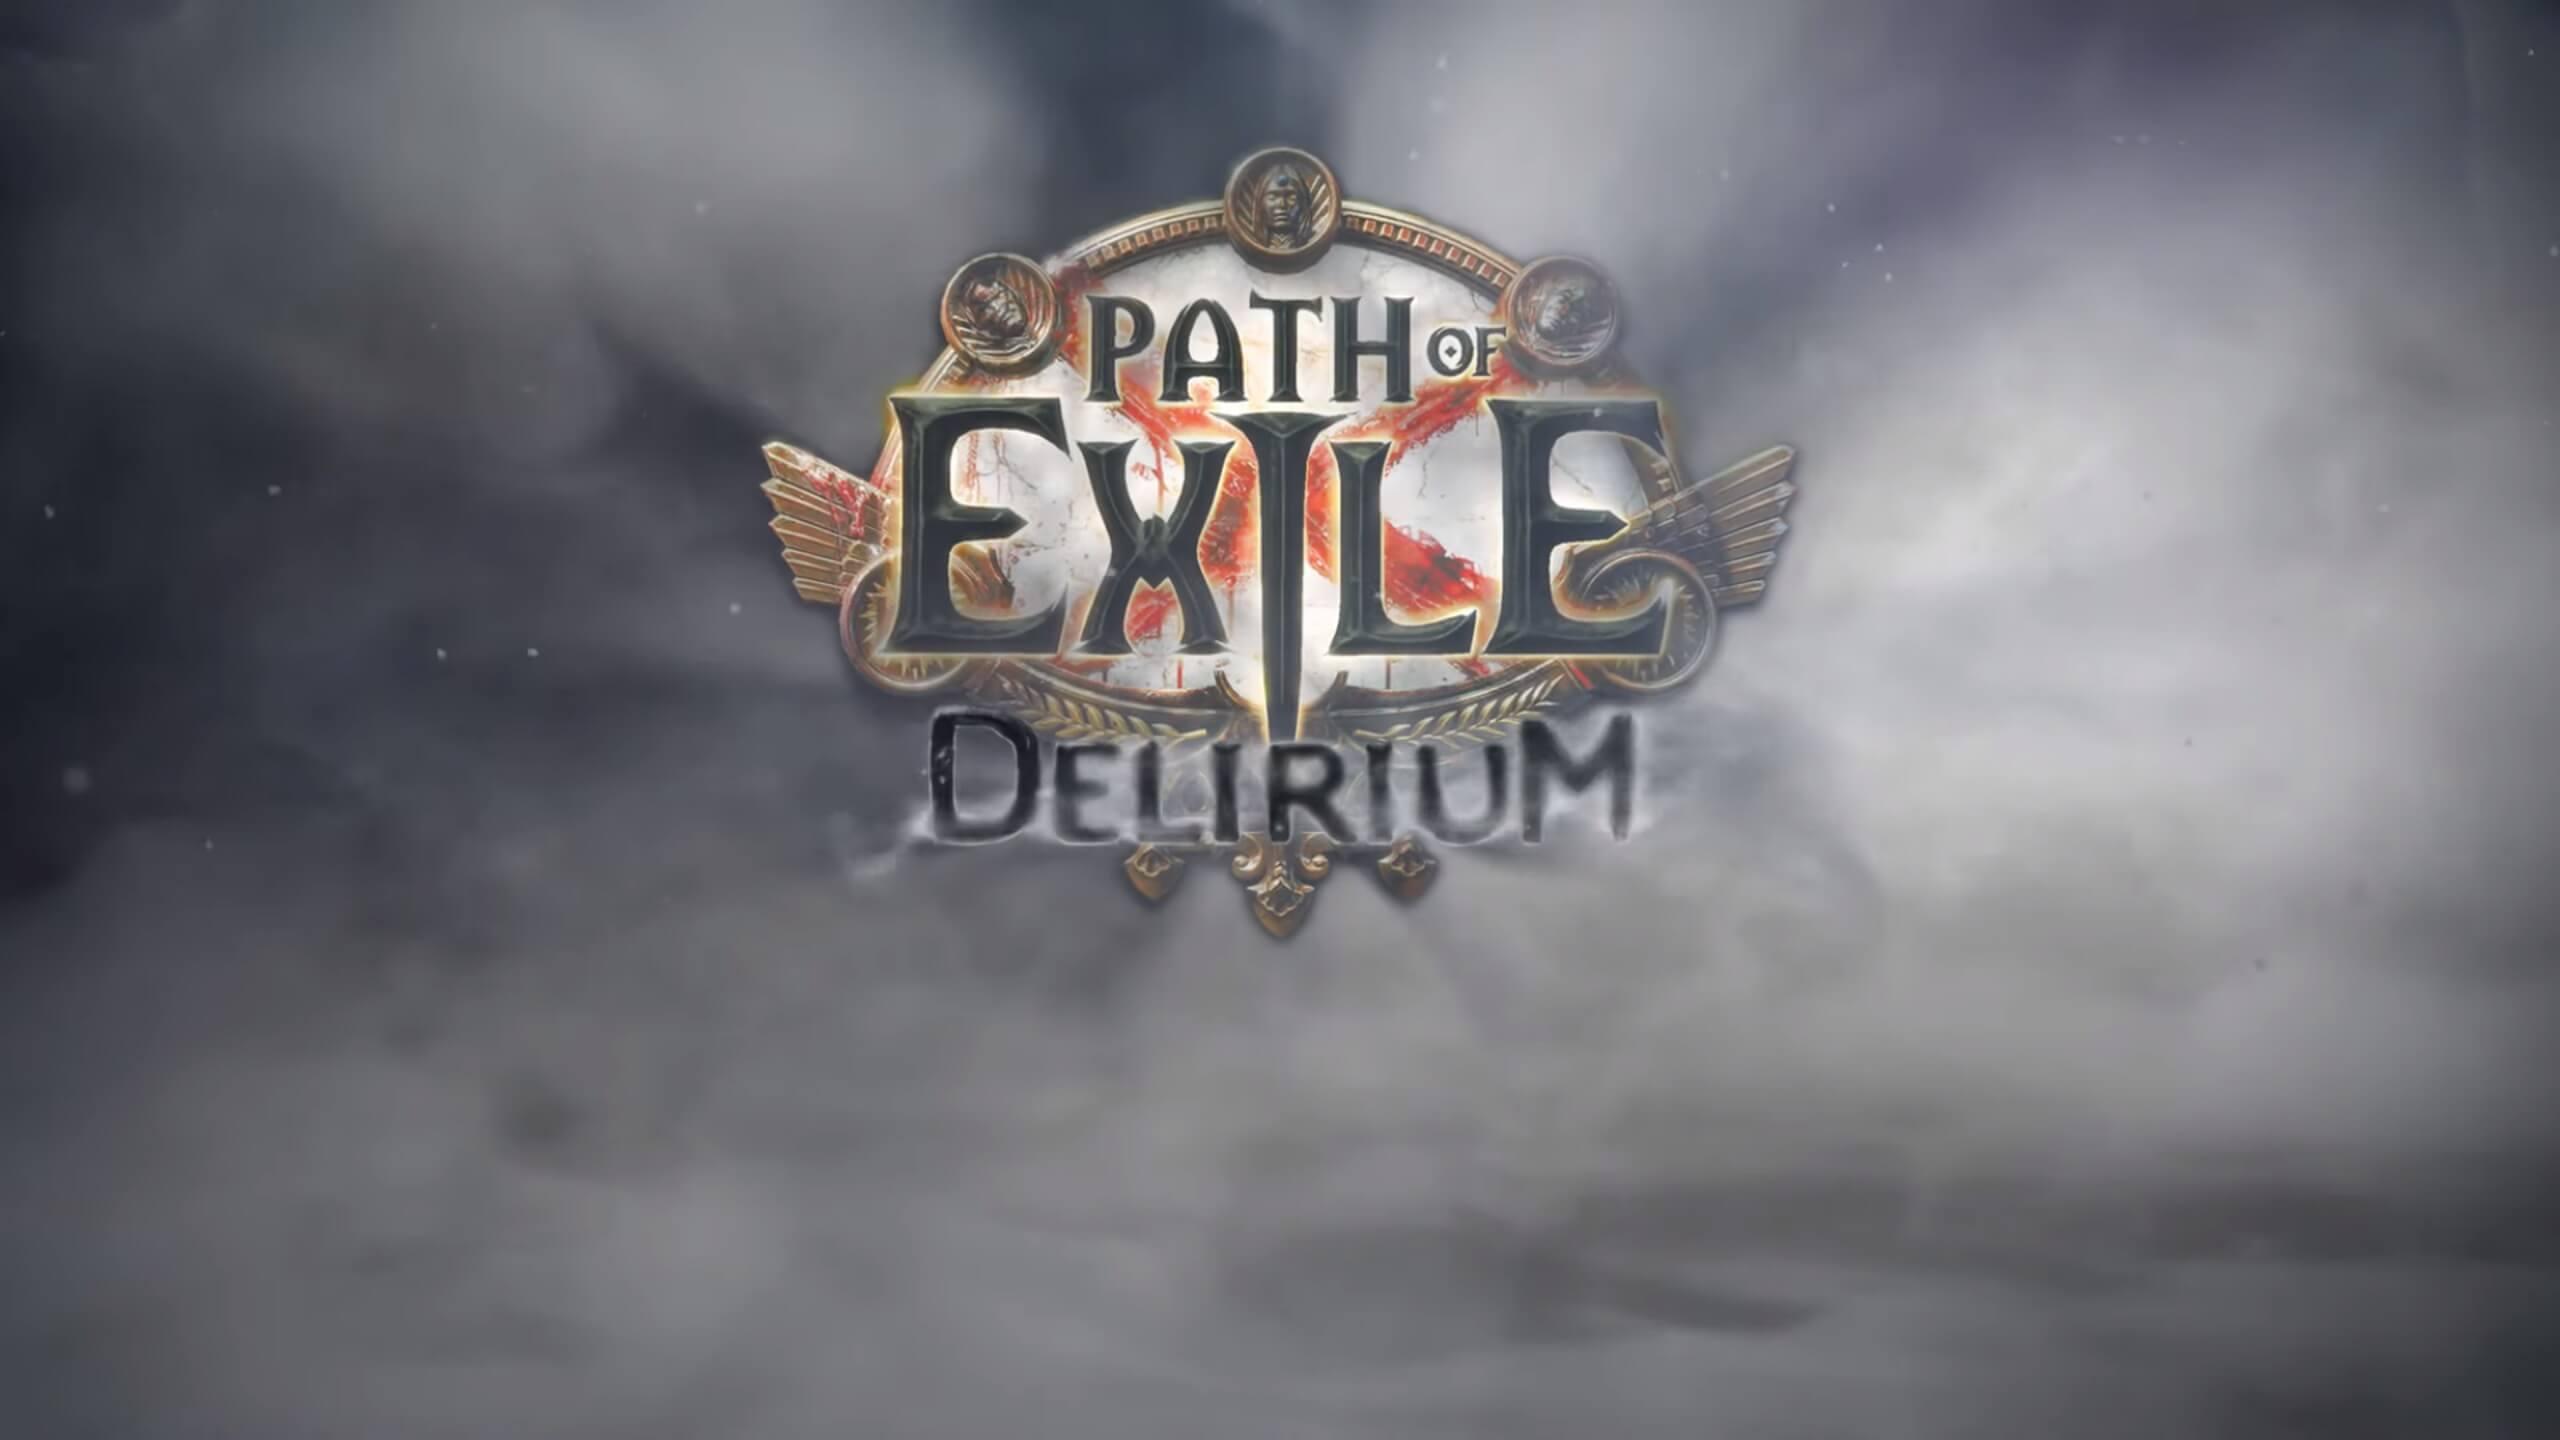 A próxima expansão para Path of Exile, Delirium, será lançada em março ...